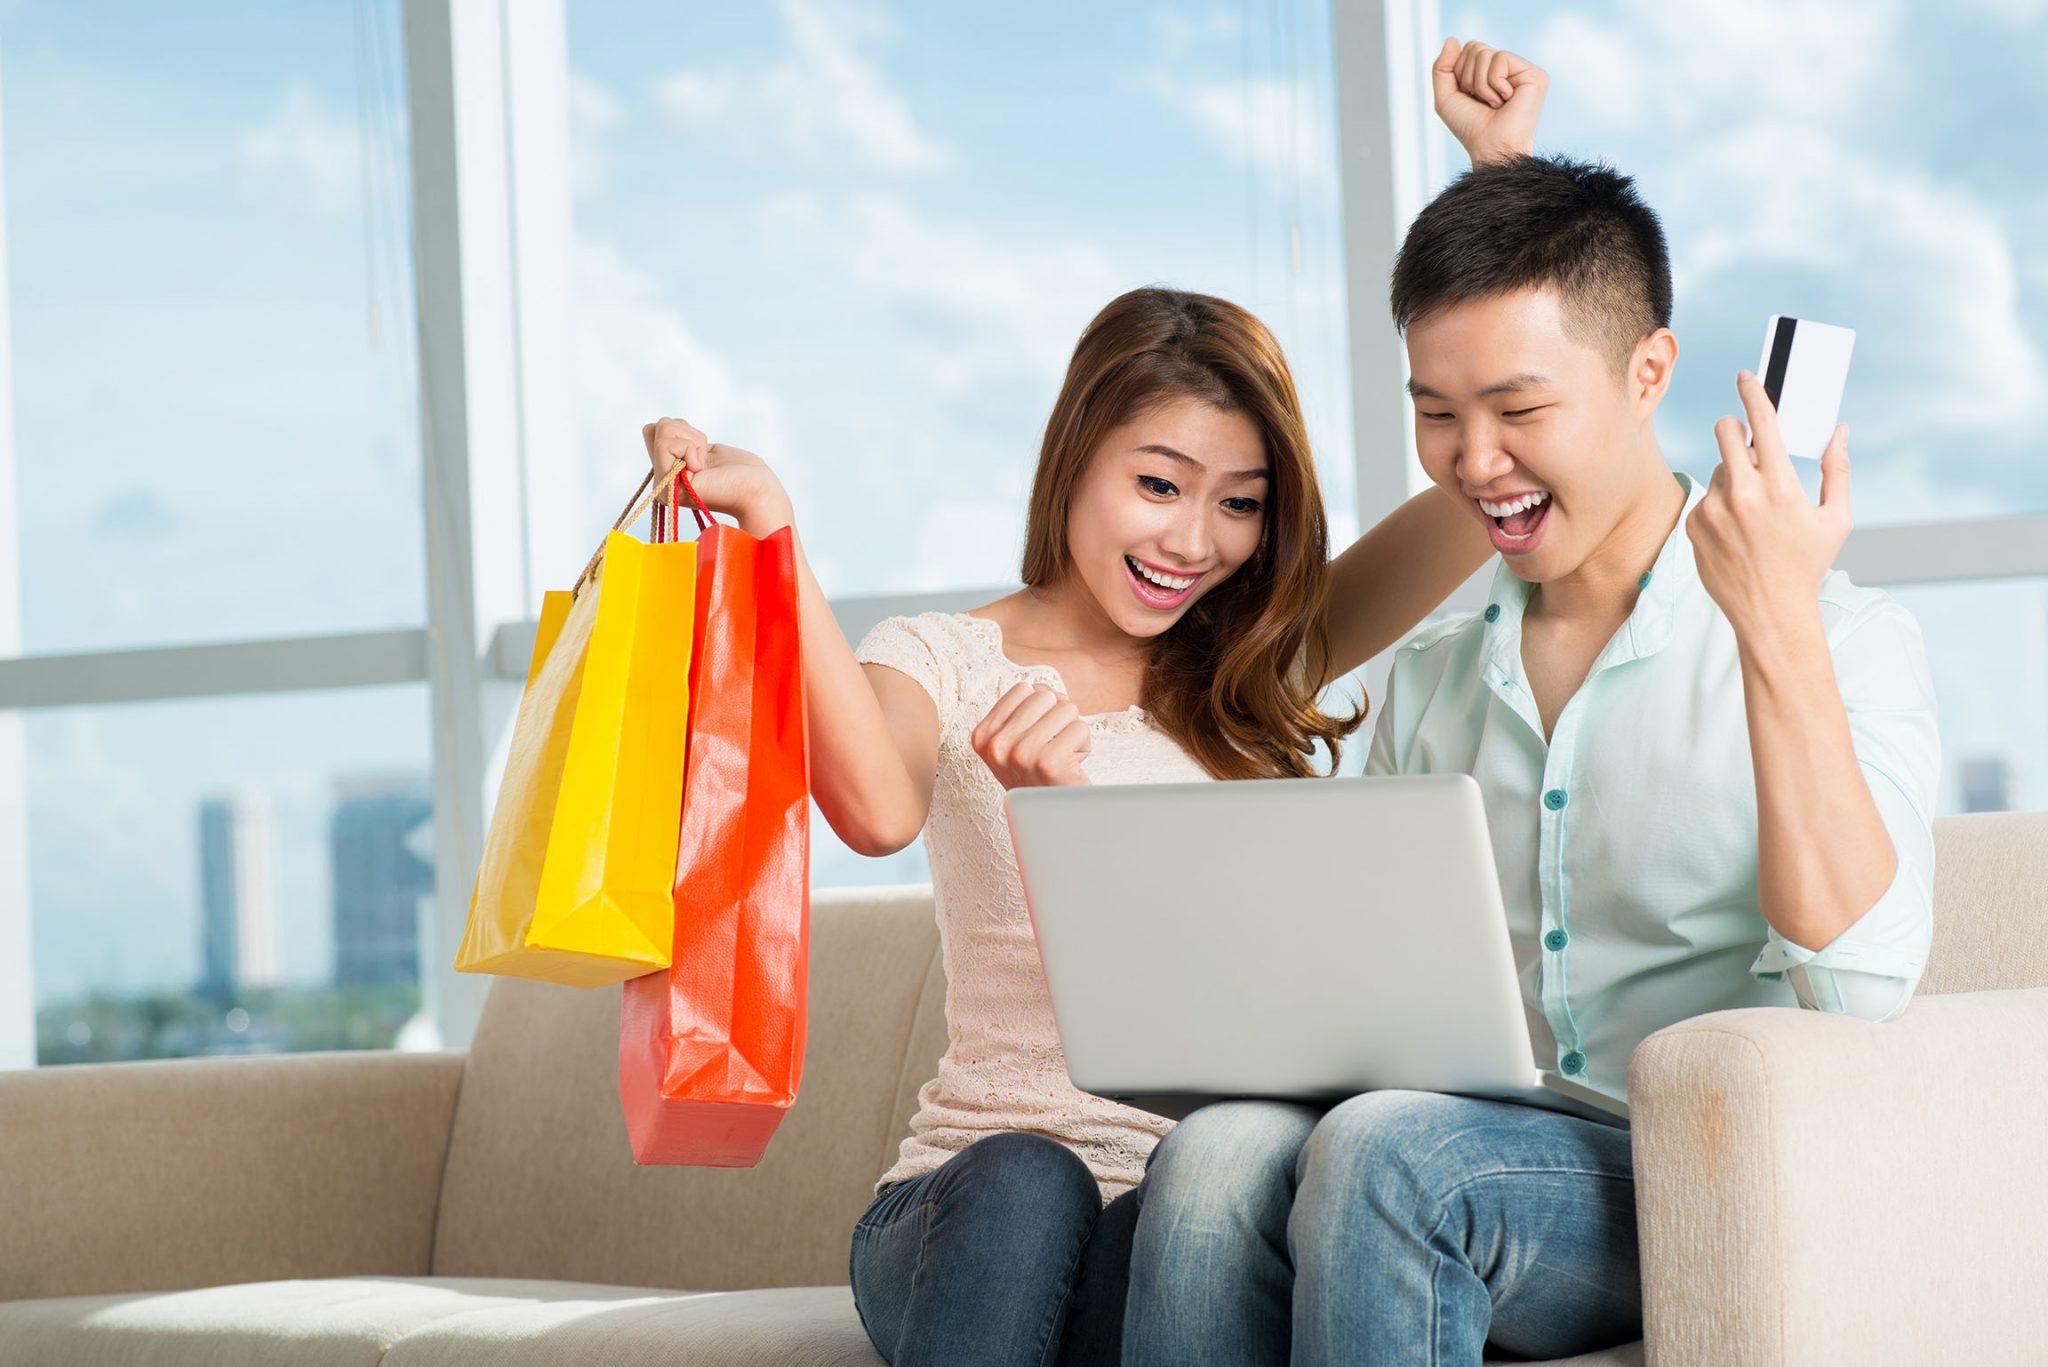 L'e-commerce devrait atteindre un quart de tous les consommateurs chinois d'ici 2020